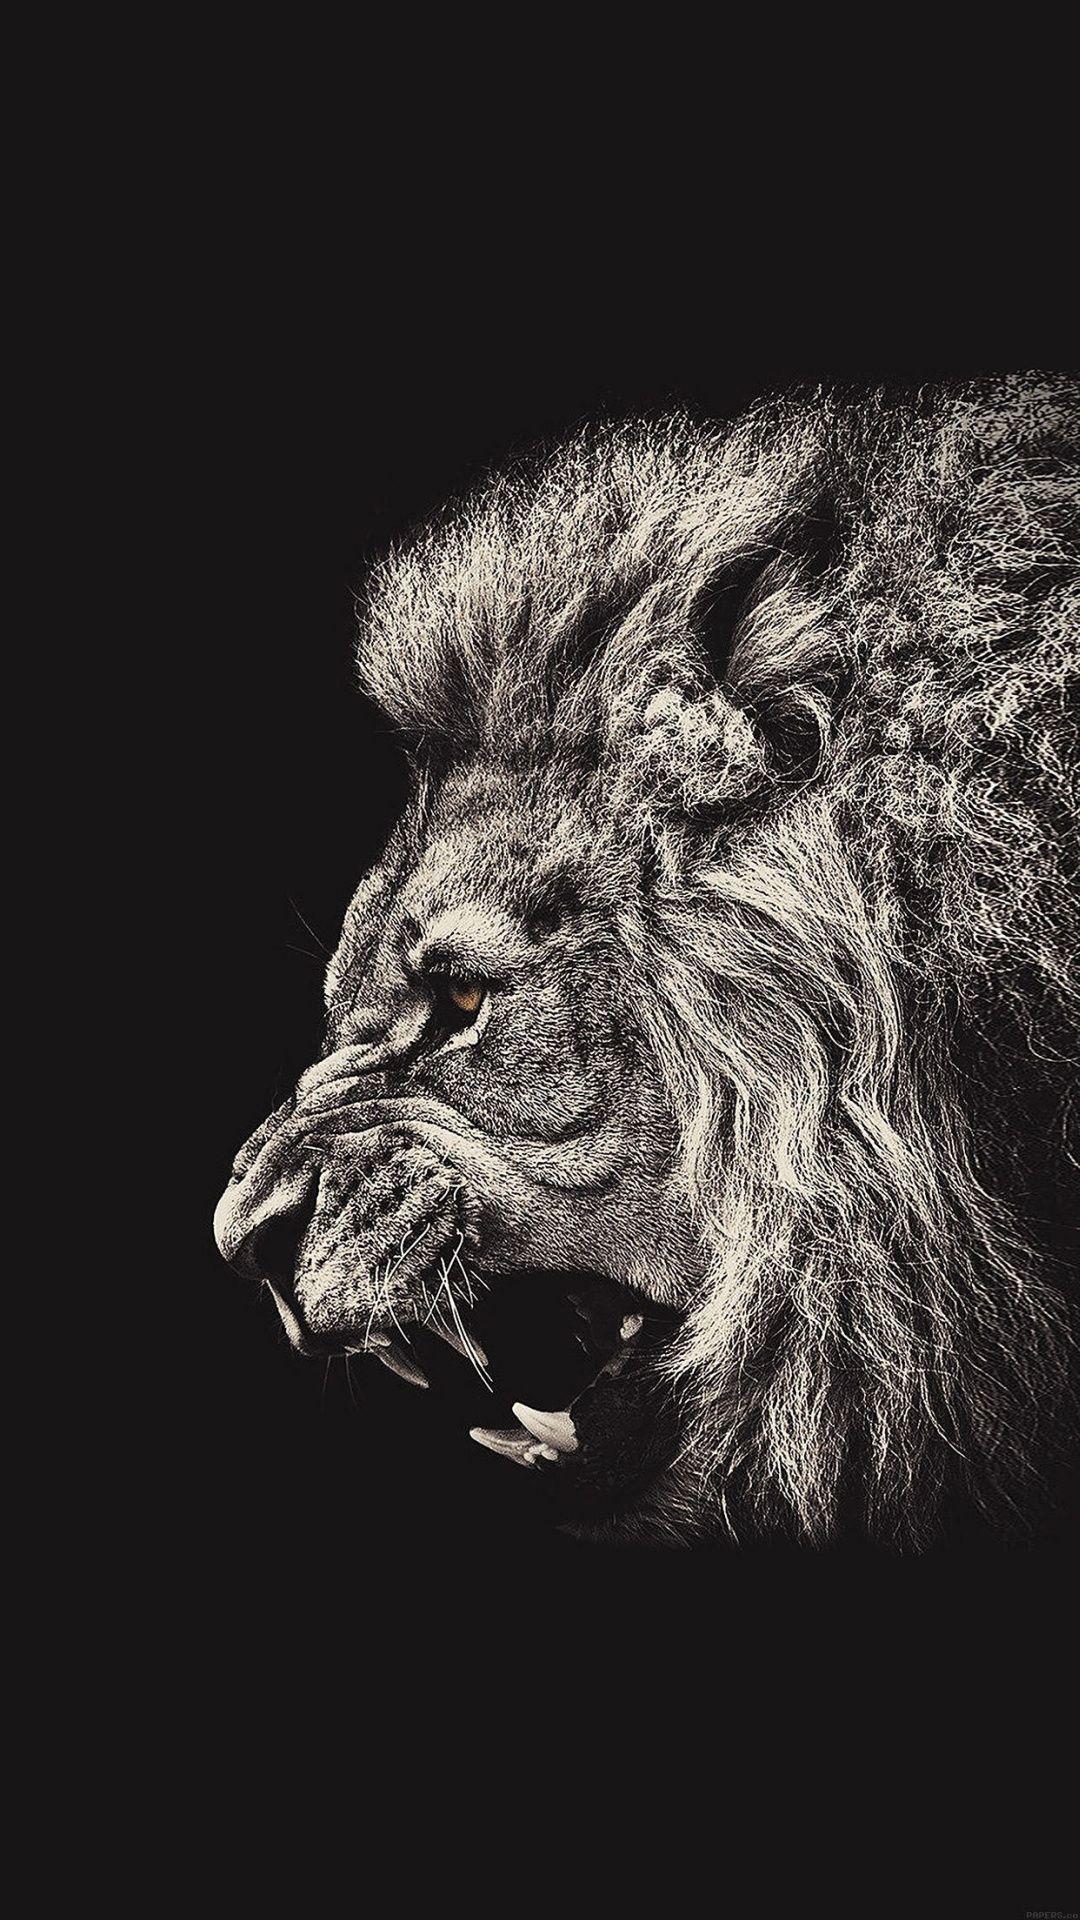 Wallpaper iphone lion - Male Lion Portrait Iphone 6 Plus Hd Wallpaper